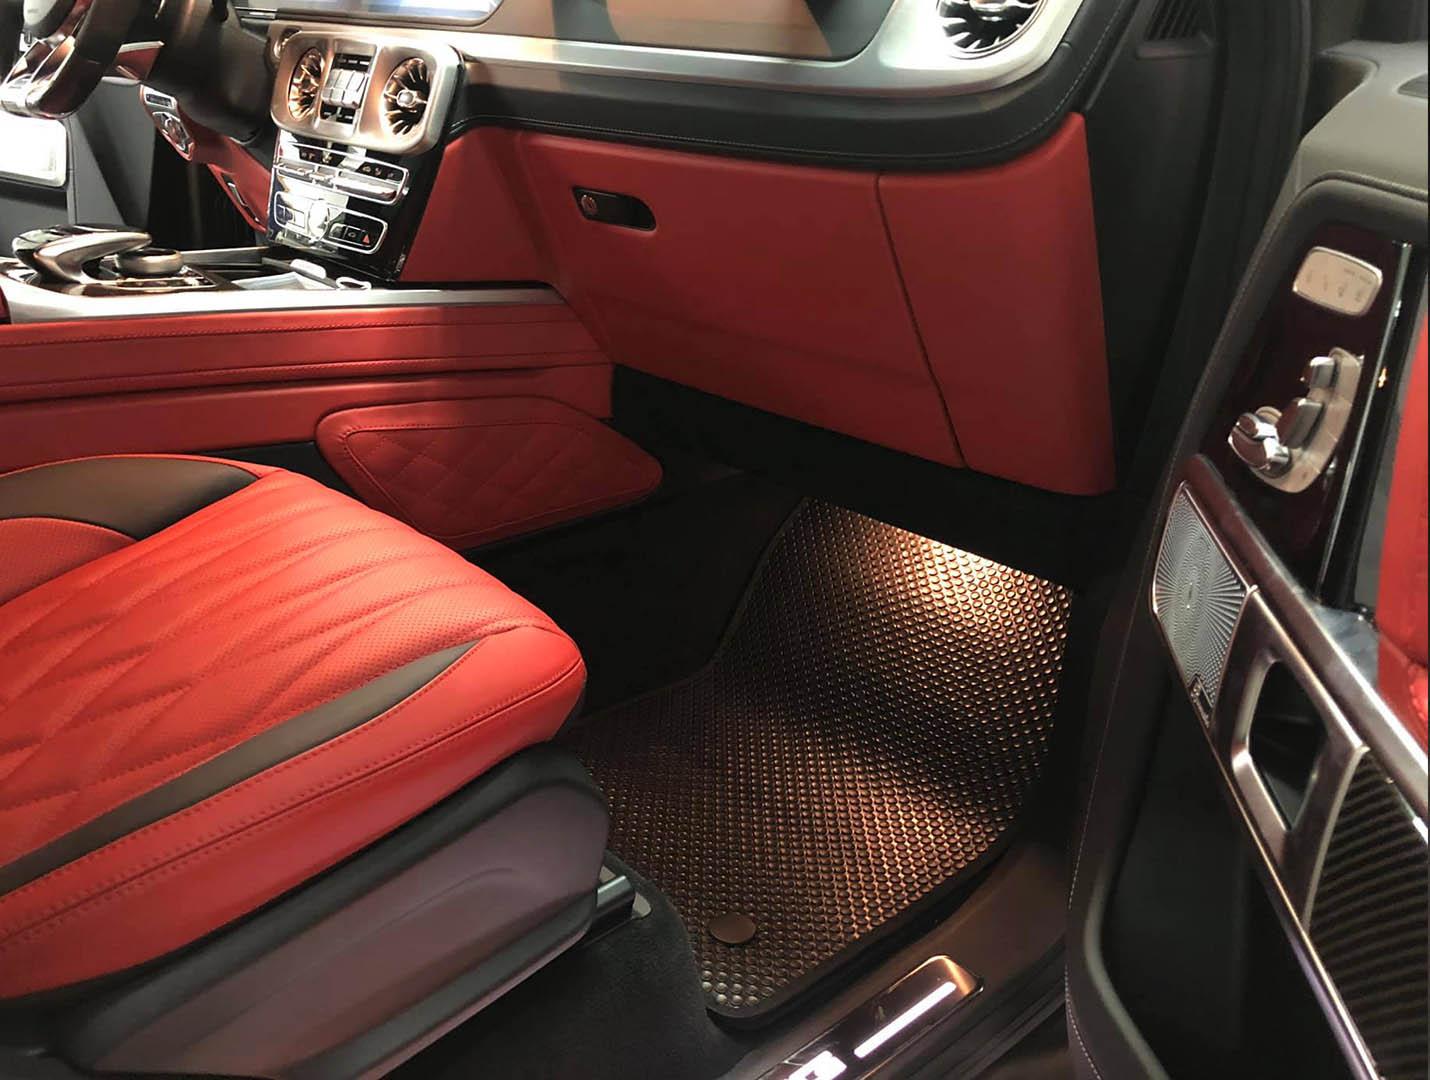 Thảm lót sàn Mercedes G63 AMG